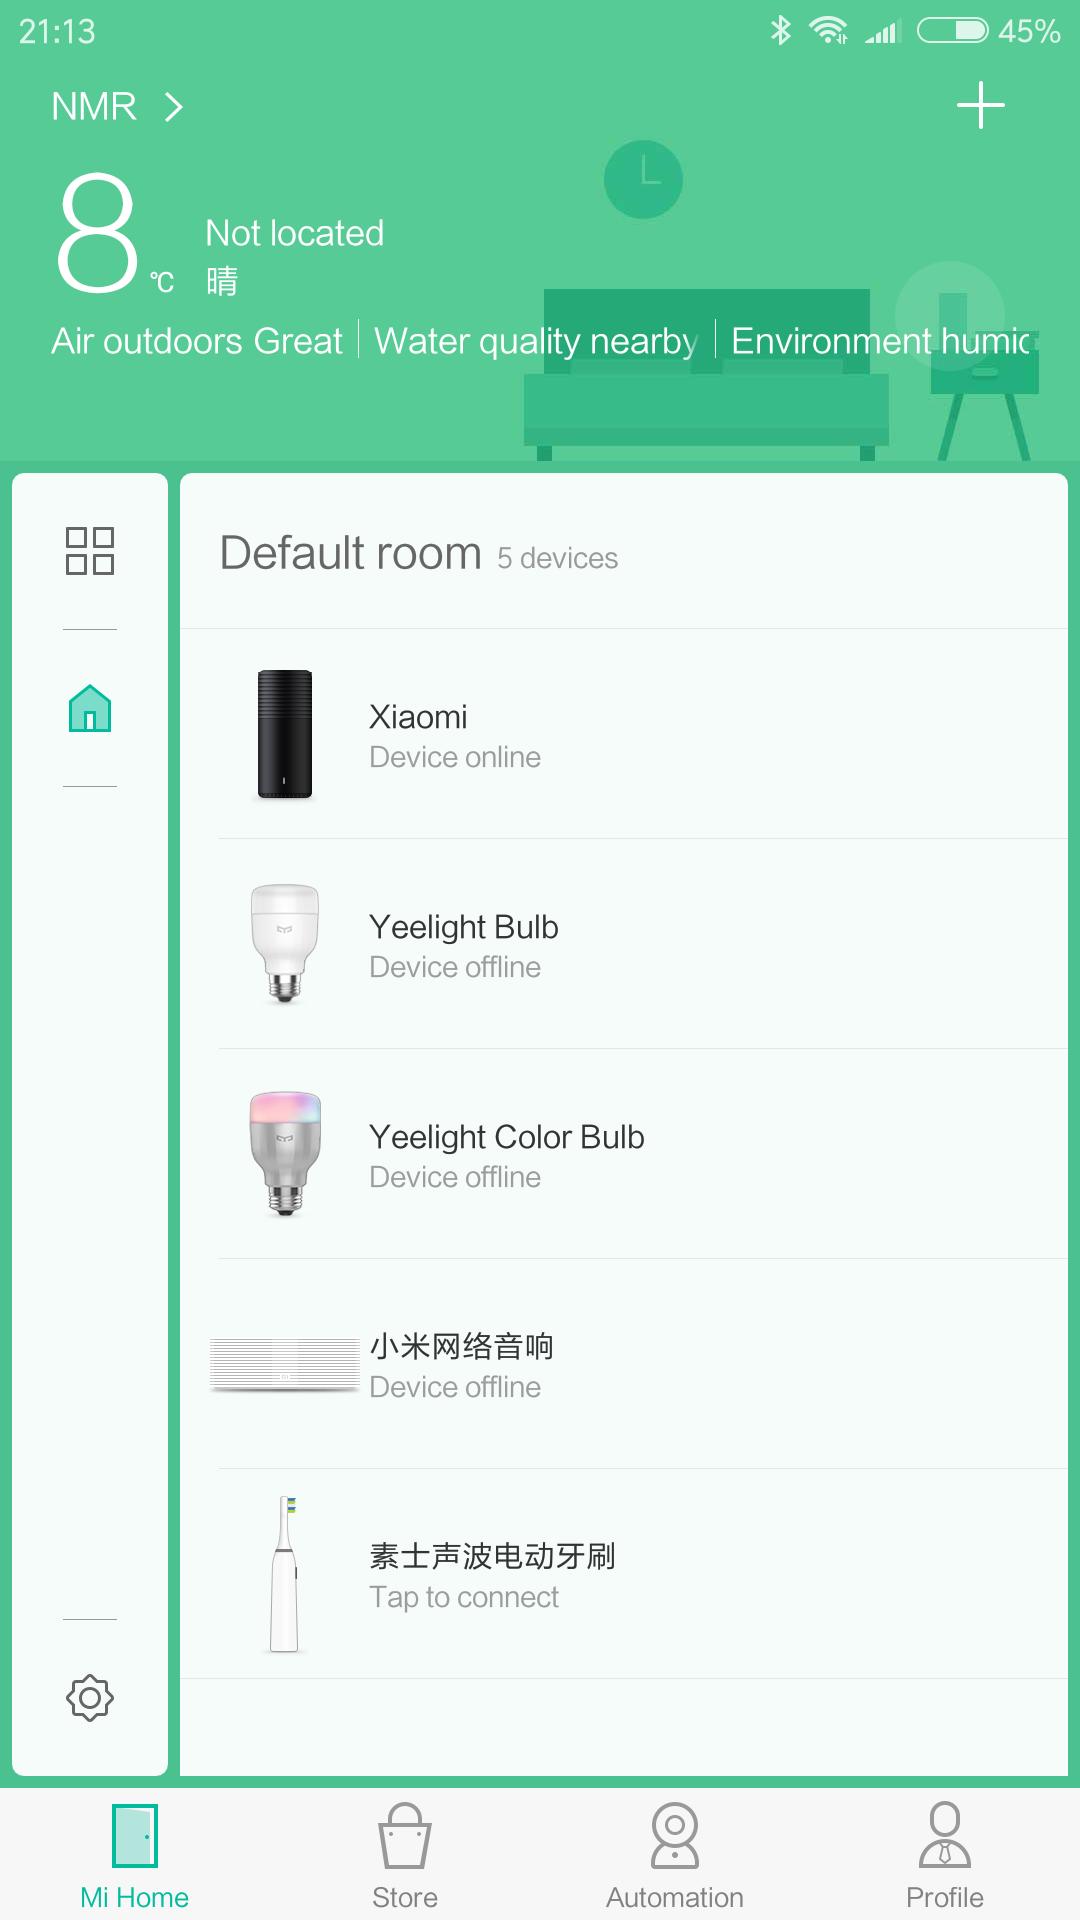 screenshot_2017-10-29-21-13-07-078_com_xiaomi_smarthome.png